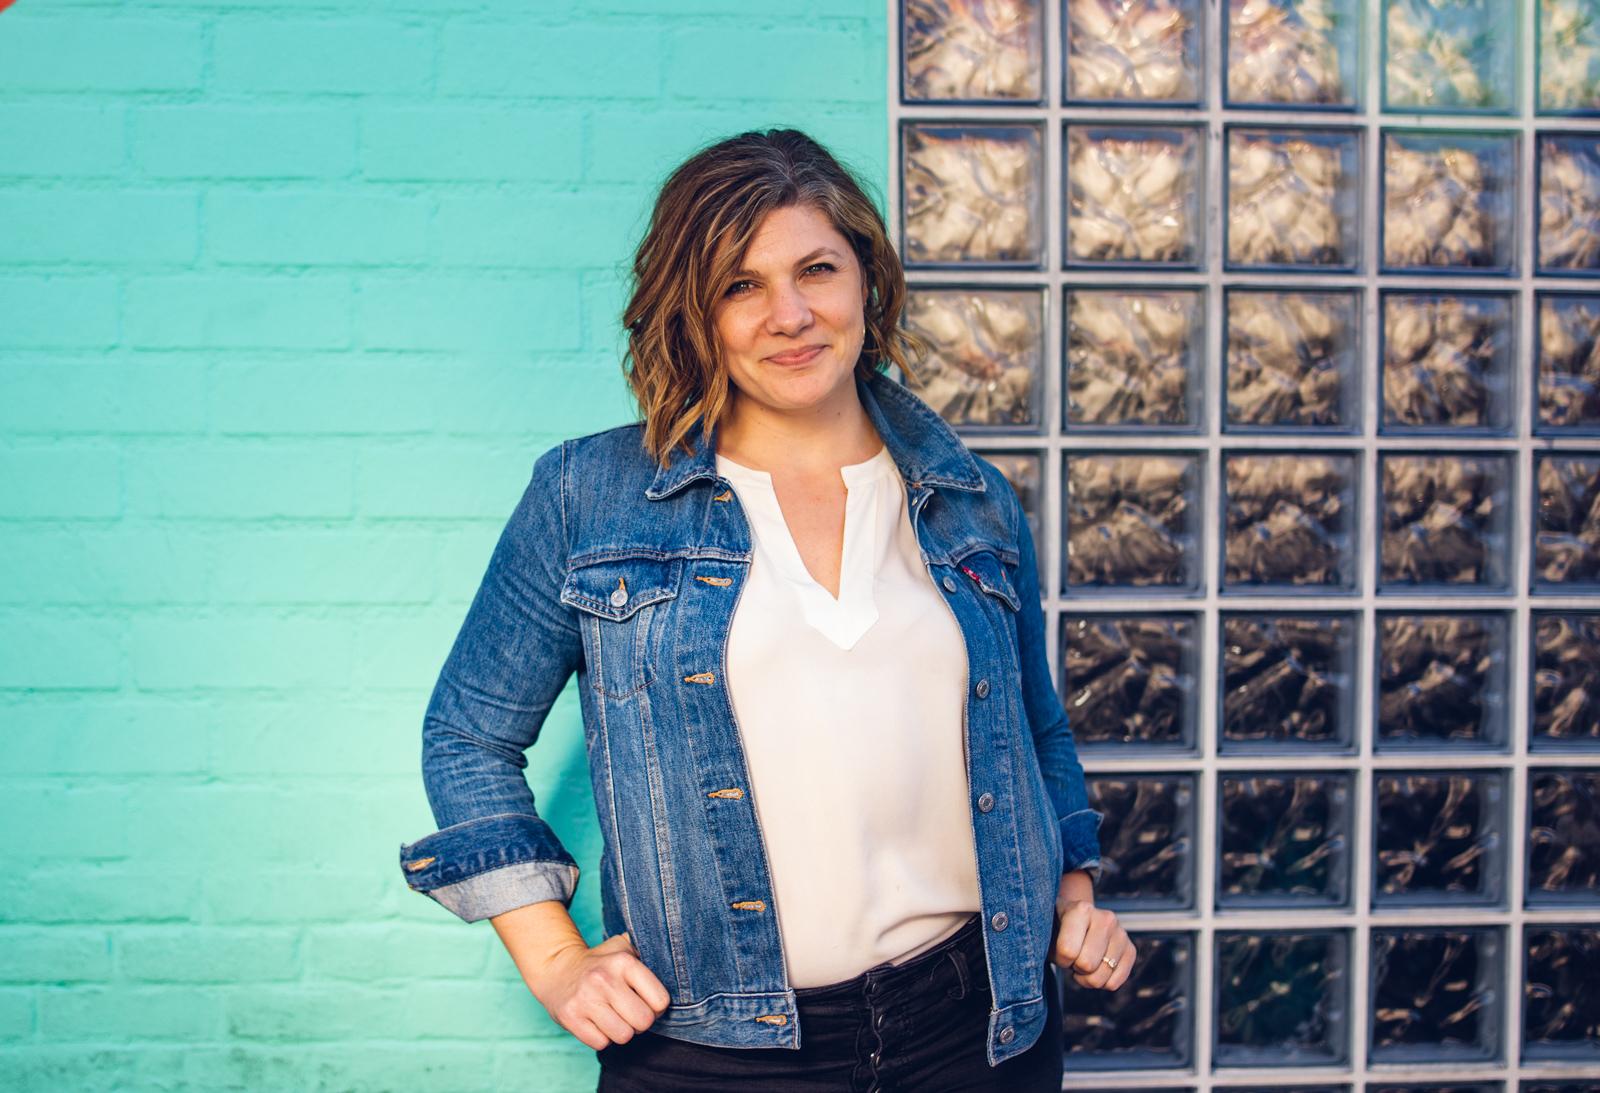 Elizabeth Eichhorn - Founder and CEO